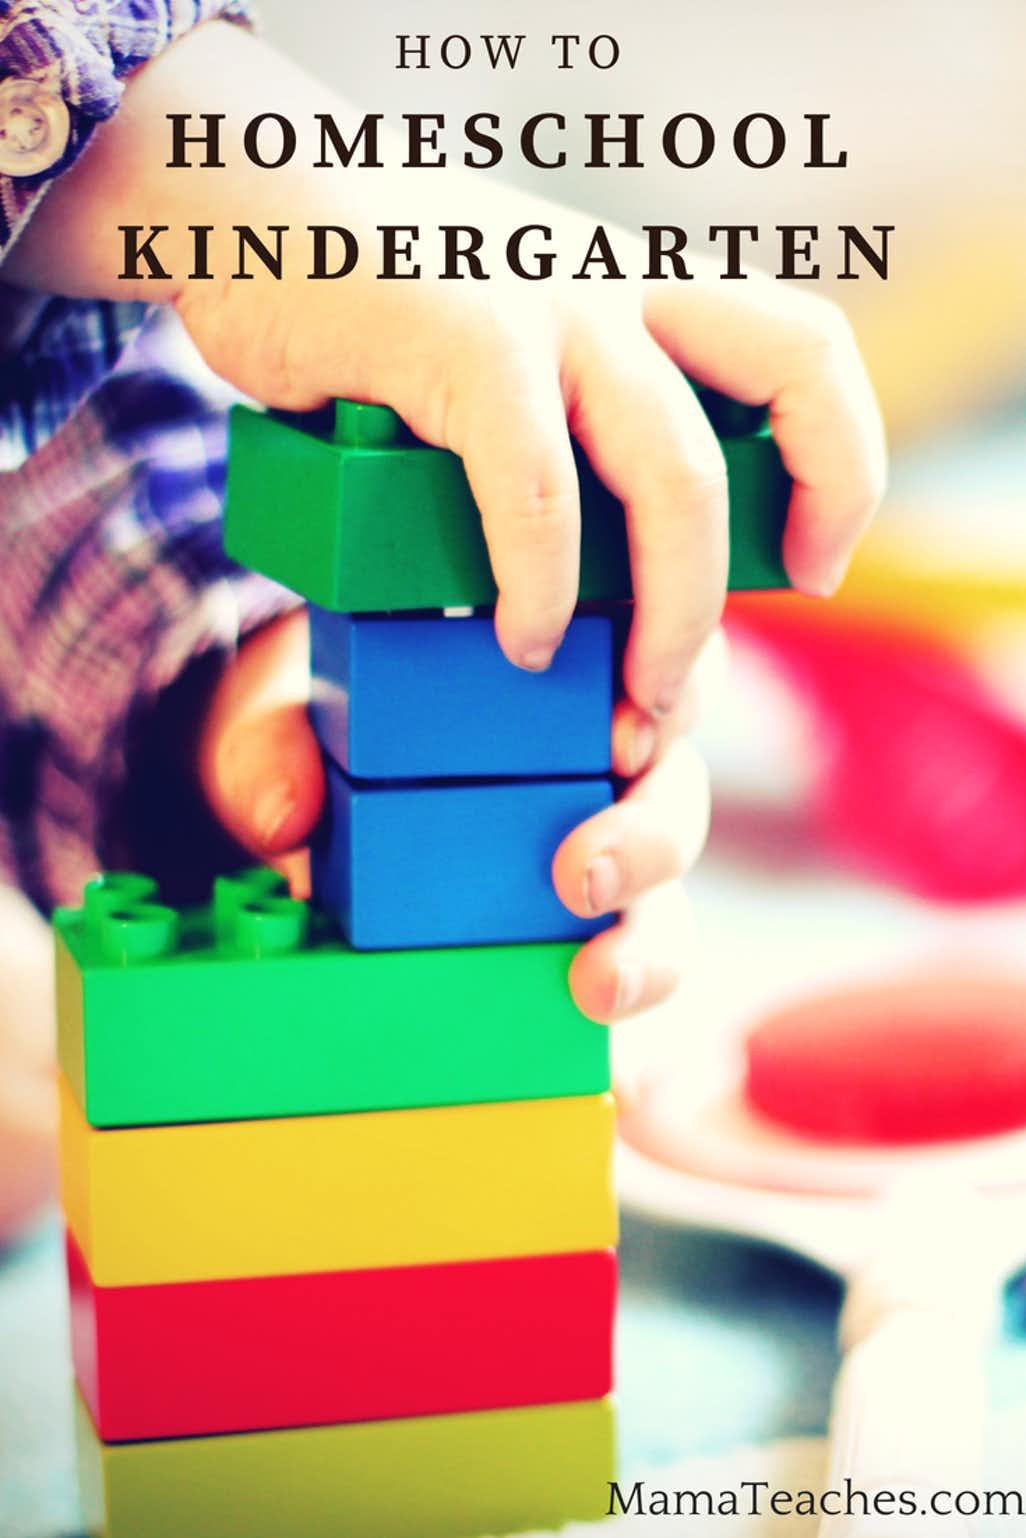 How to Homeschool Kindergarten Successfully